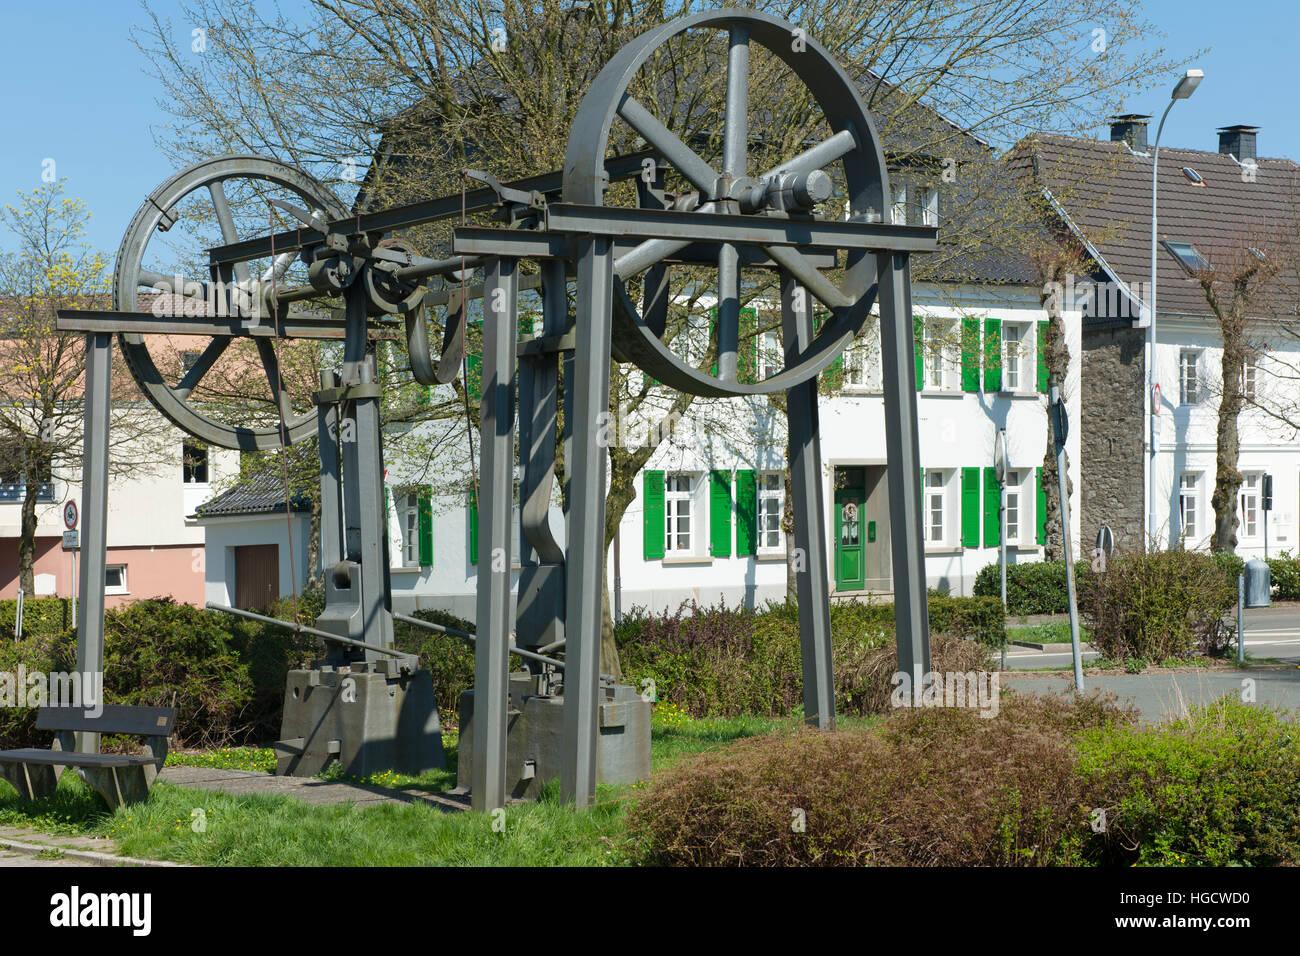 Deutschland, Nordrhein-Westfalen, Ennepe-Ruhr-Kreis, Hansestadt Breckerfeld, Ecke Frankfurter Straße / Westring, - Stock Image